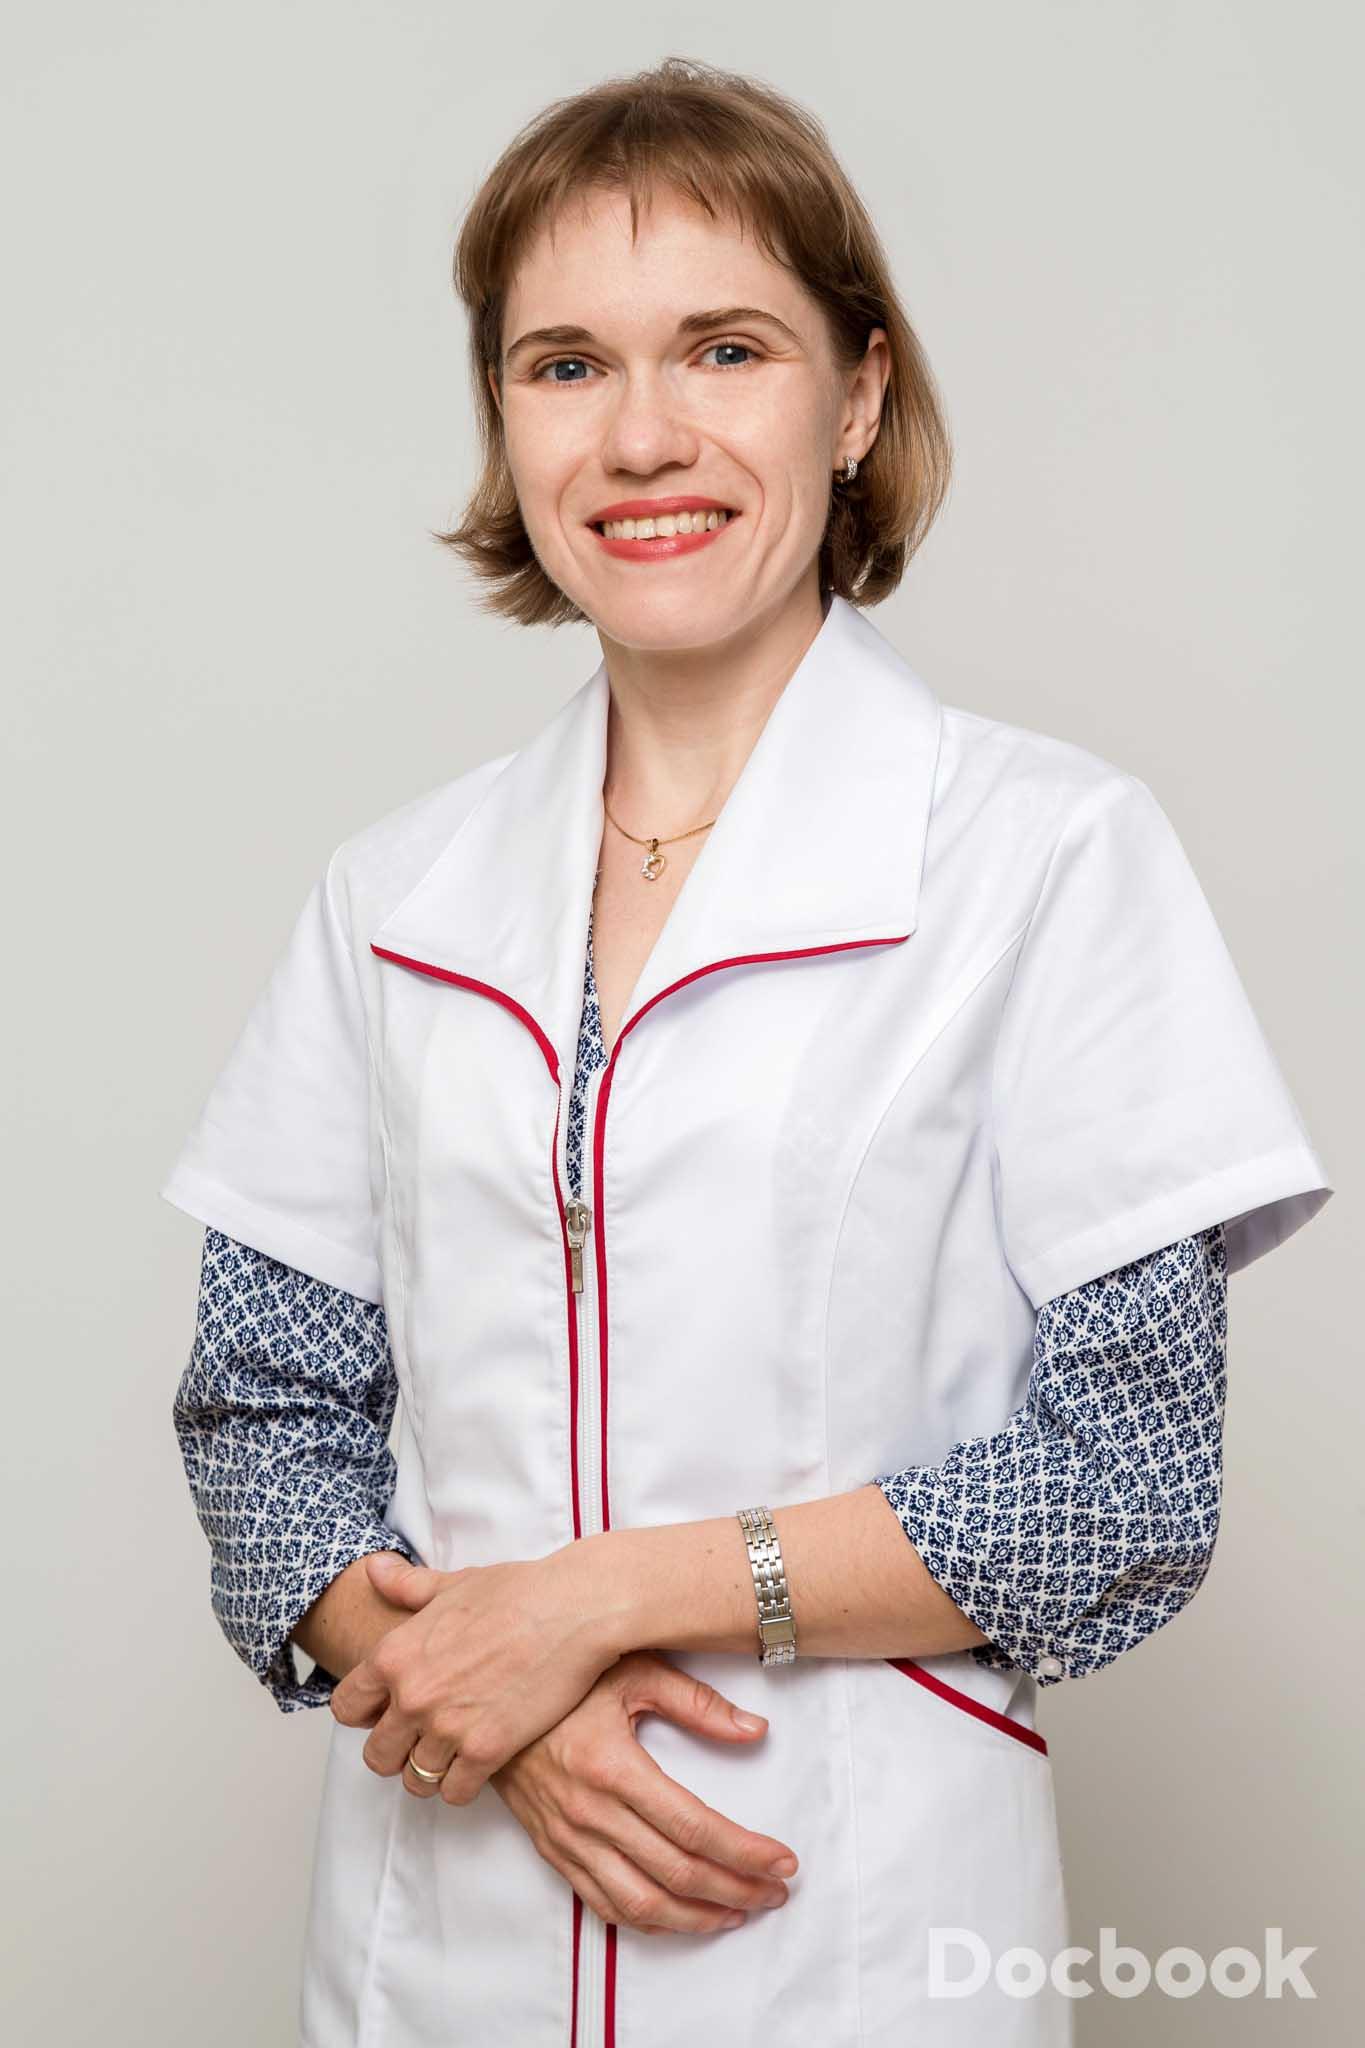 Dr. Madalina Paunescu